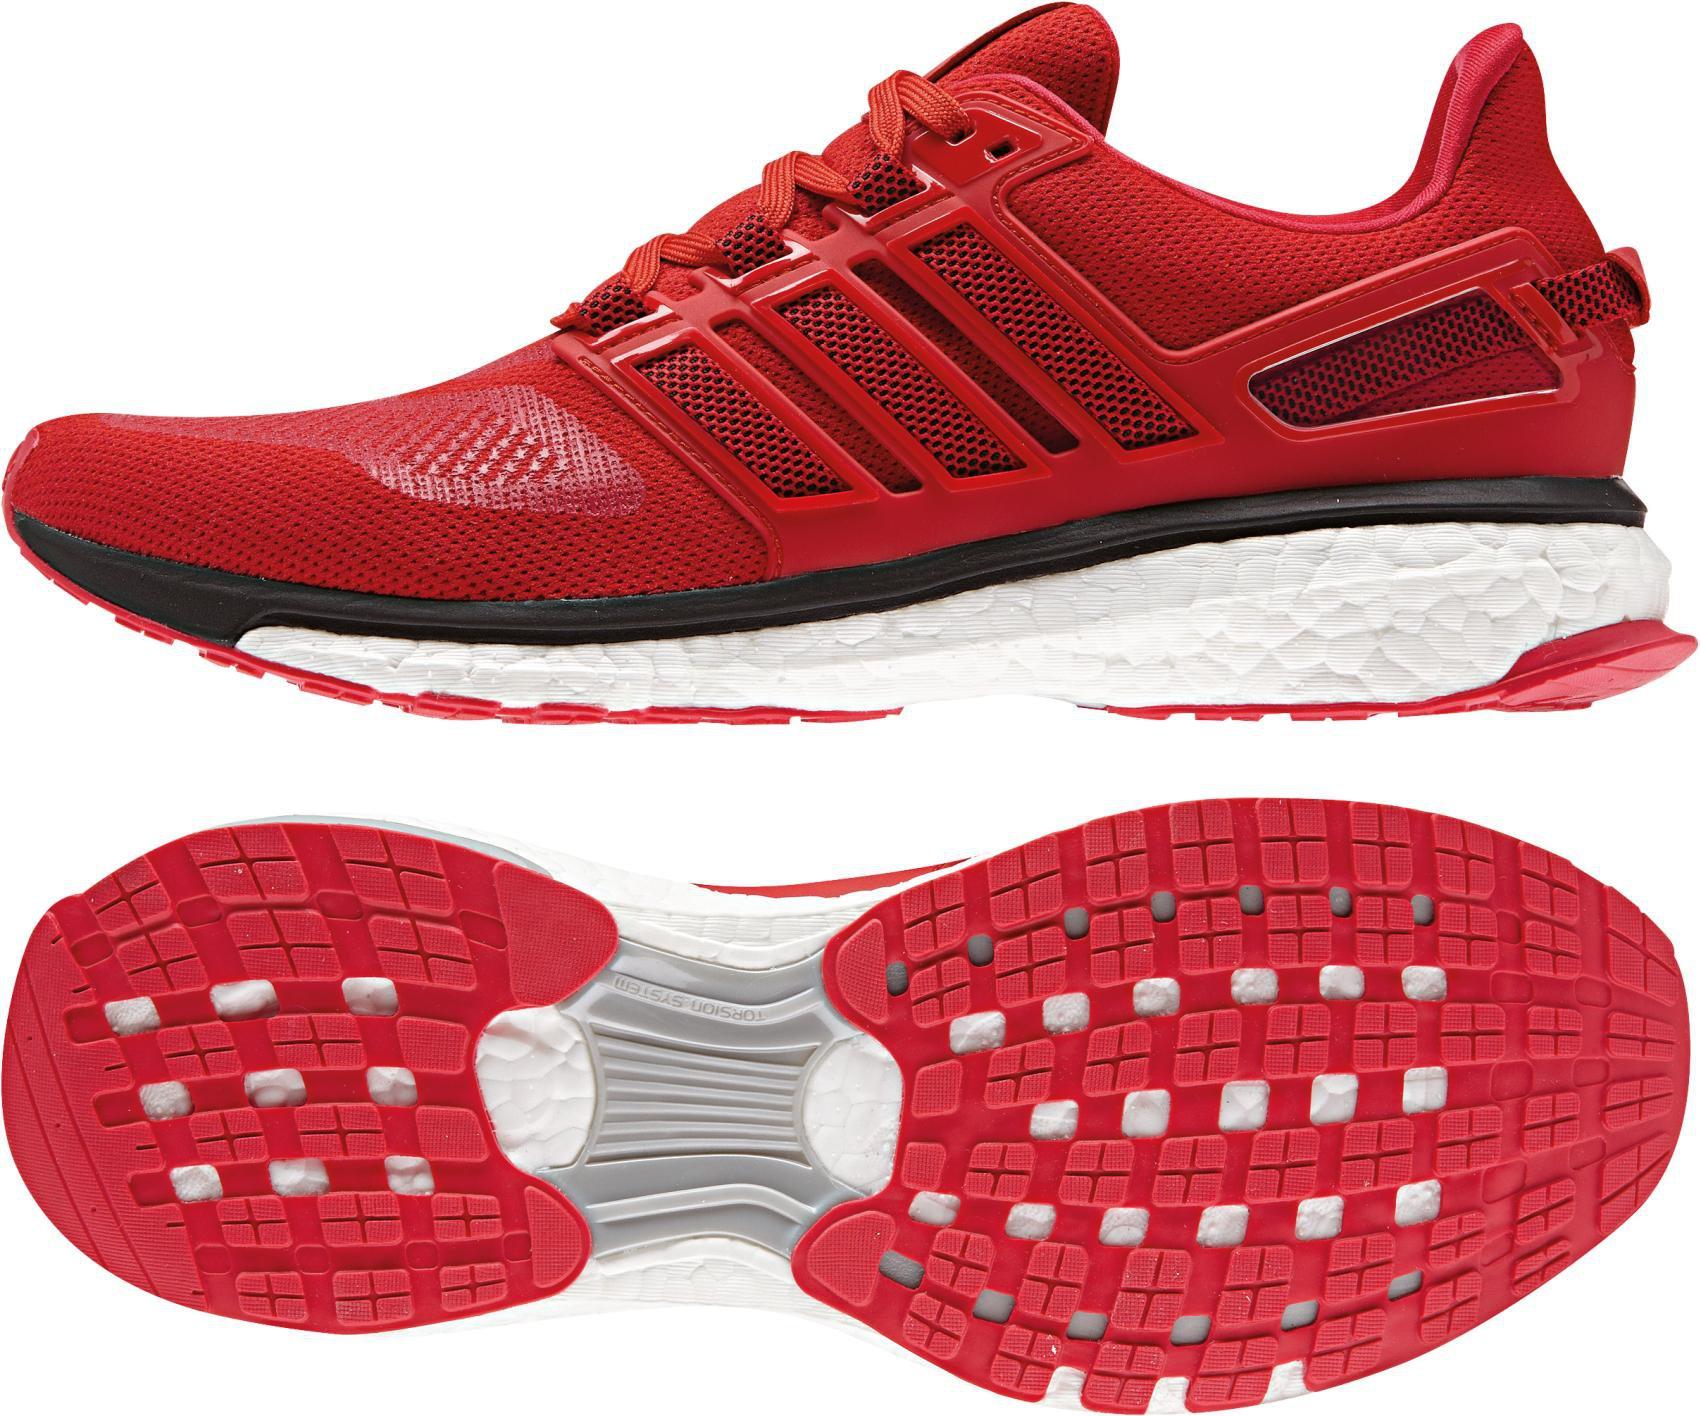 17fdf6af645414 Adidas Energy Boost 3 Laufschuhe Herren günstig kaufen